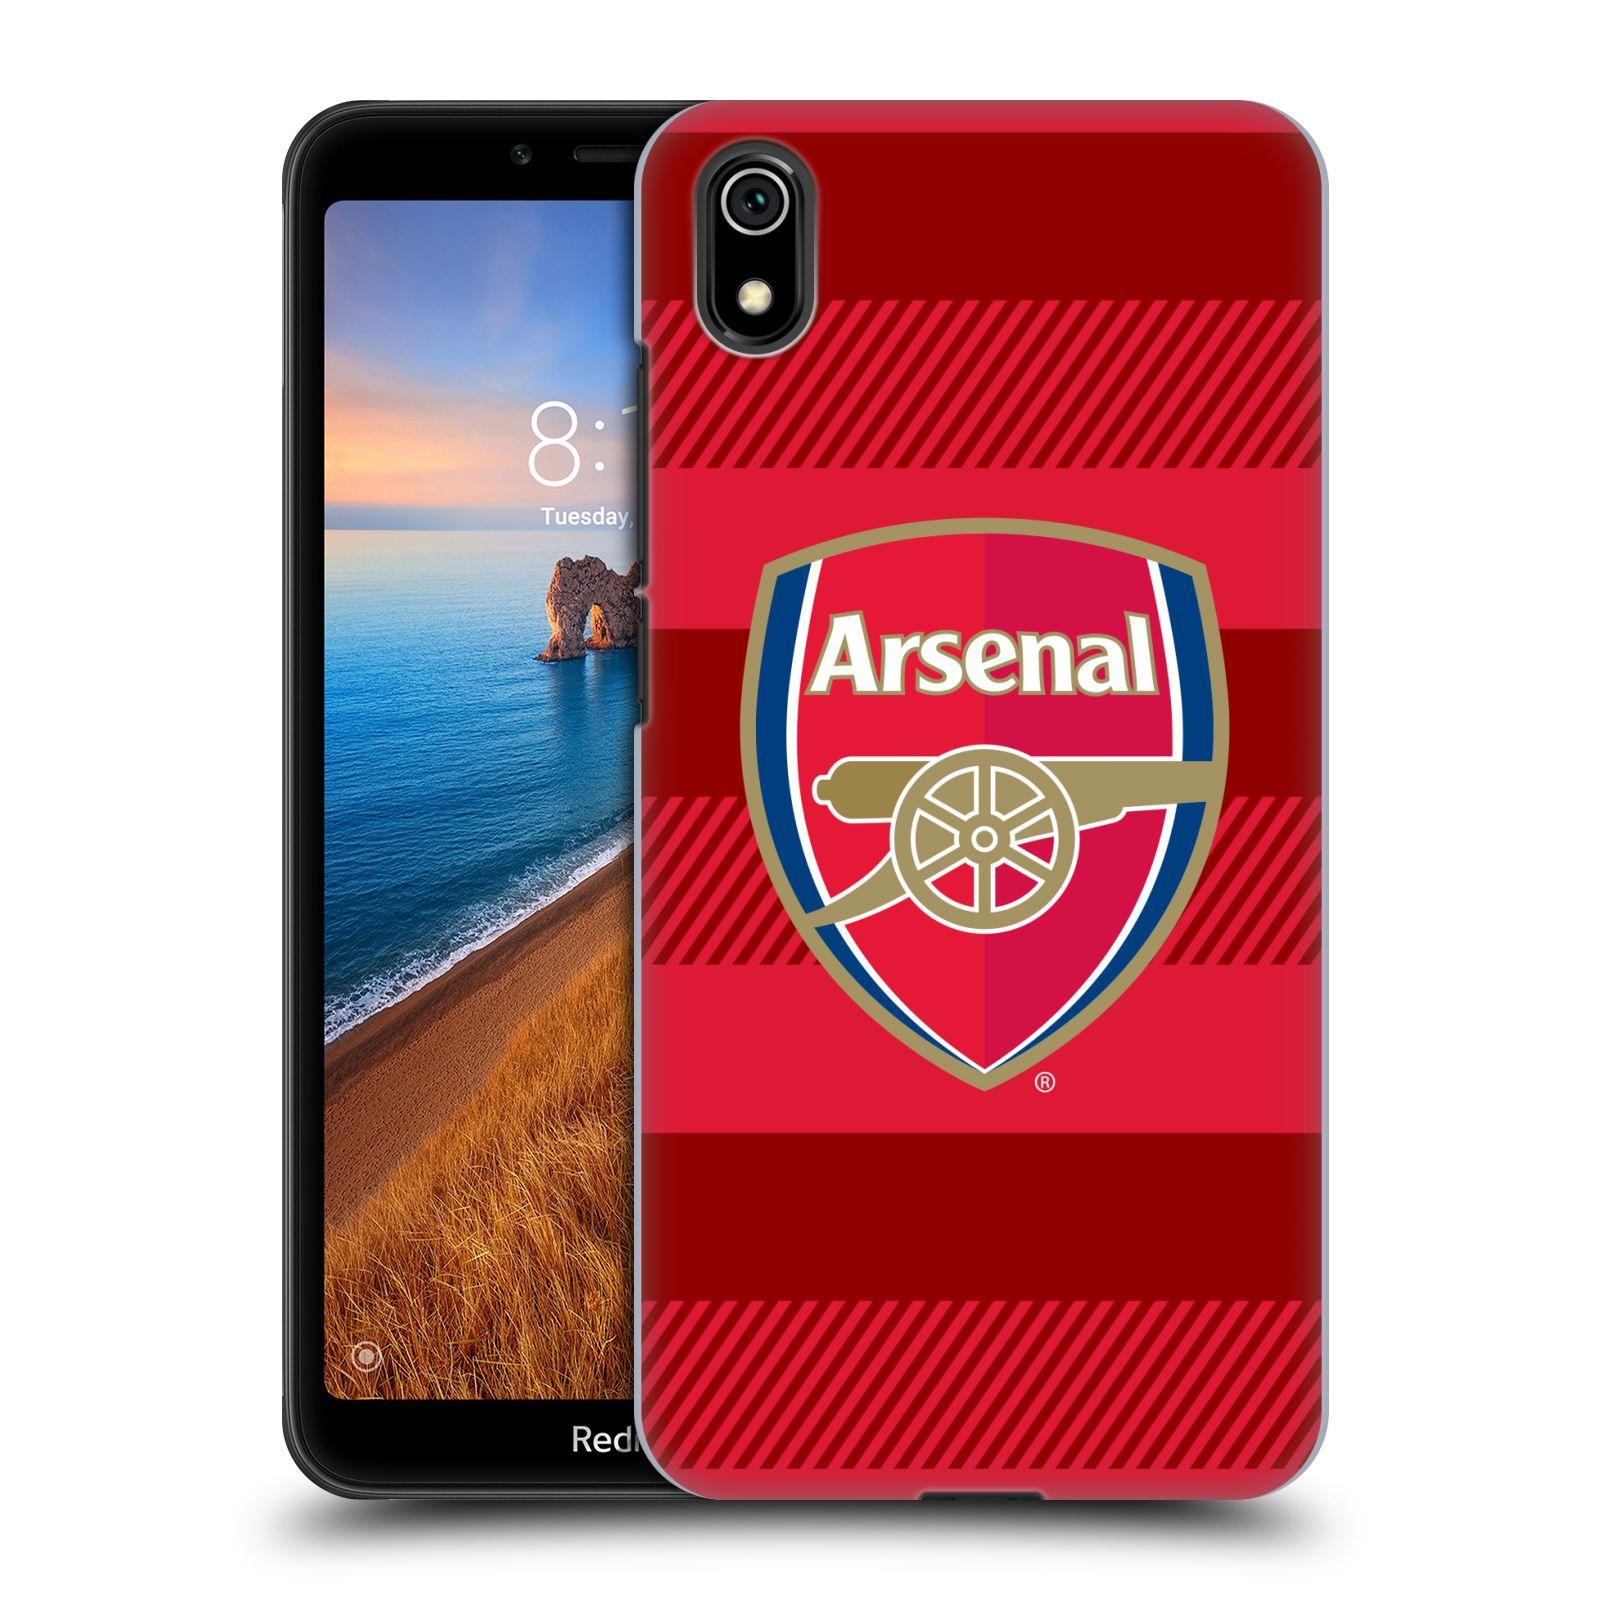 Plastové pouzdro na mobil Xiaomi Redmi 7A - Head Case - Arsenal FC - Logo s pruhy